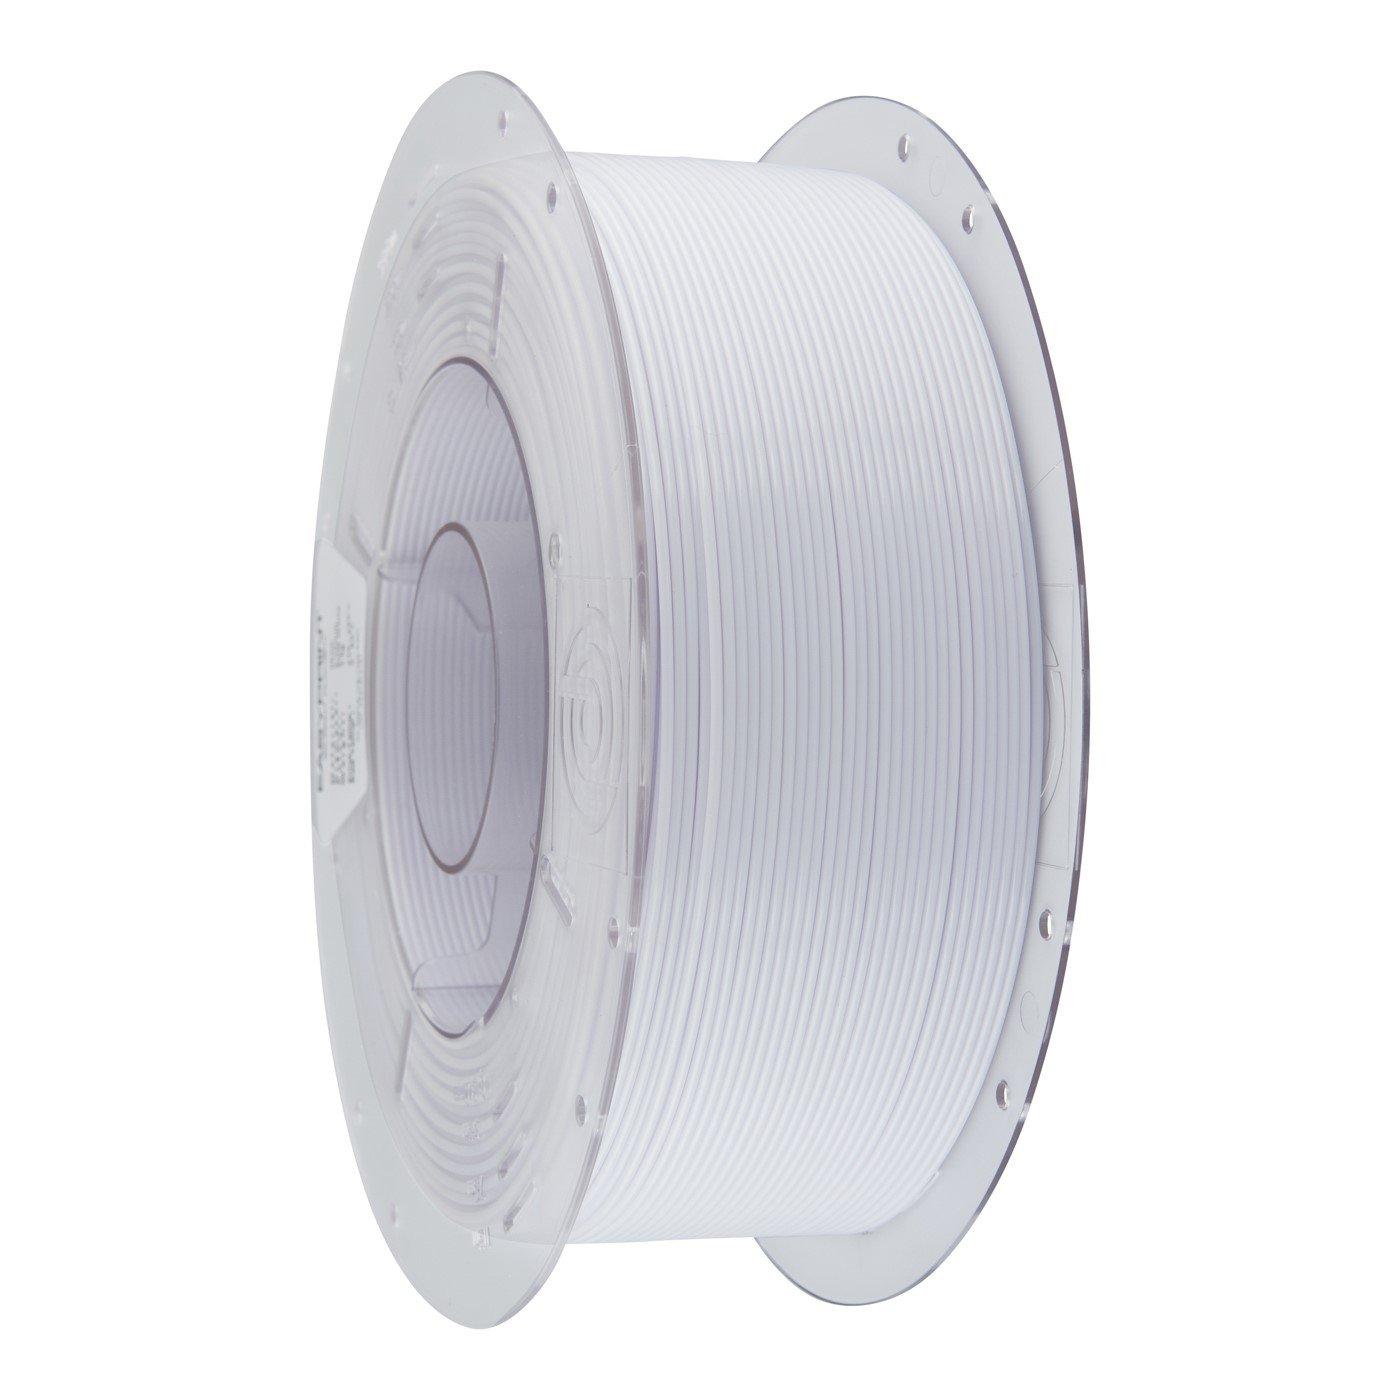 Filamento PETG 2.85mm 1kg COLOR FOTO-1 IMP 3D [7DRR97NV]